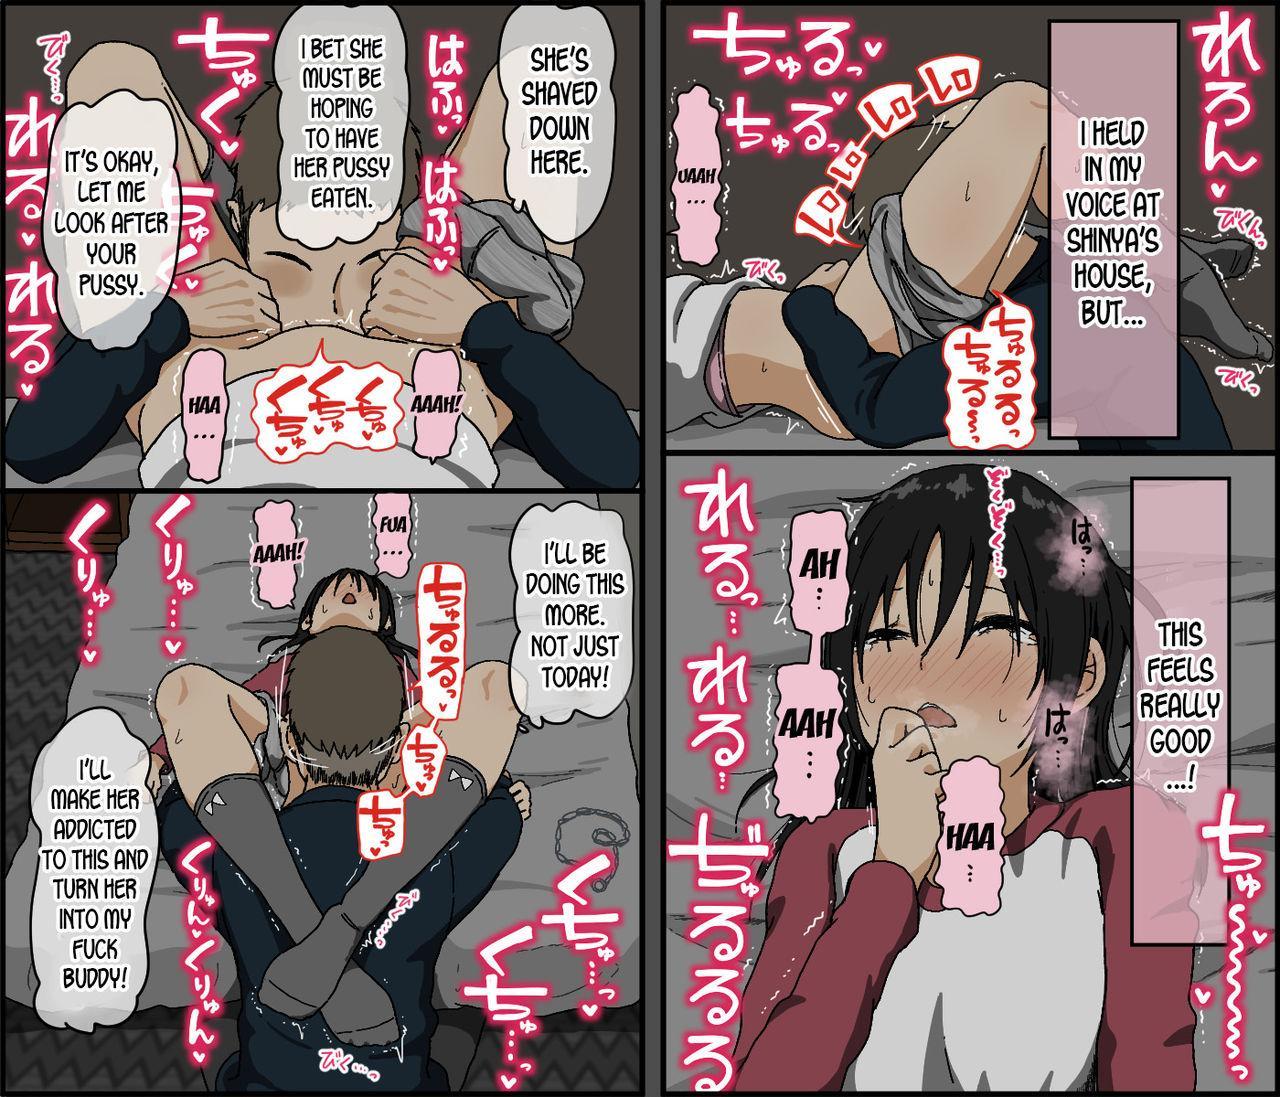 Kareshi Mochi no Kurokami Irojiro Binyuu Joshidaisei ga Cunni dake Mikeiken de Kare no Tomodachi ni Naisho de Hatsu Cunni Sarete Amari nimo Kimochiyo Sugite Sonomama Nagasare Sex Shita 18